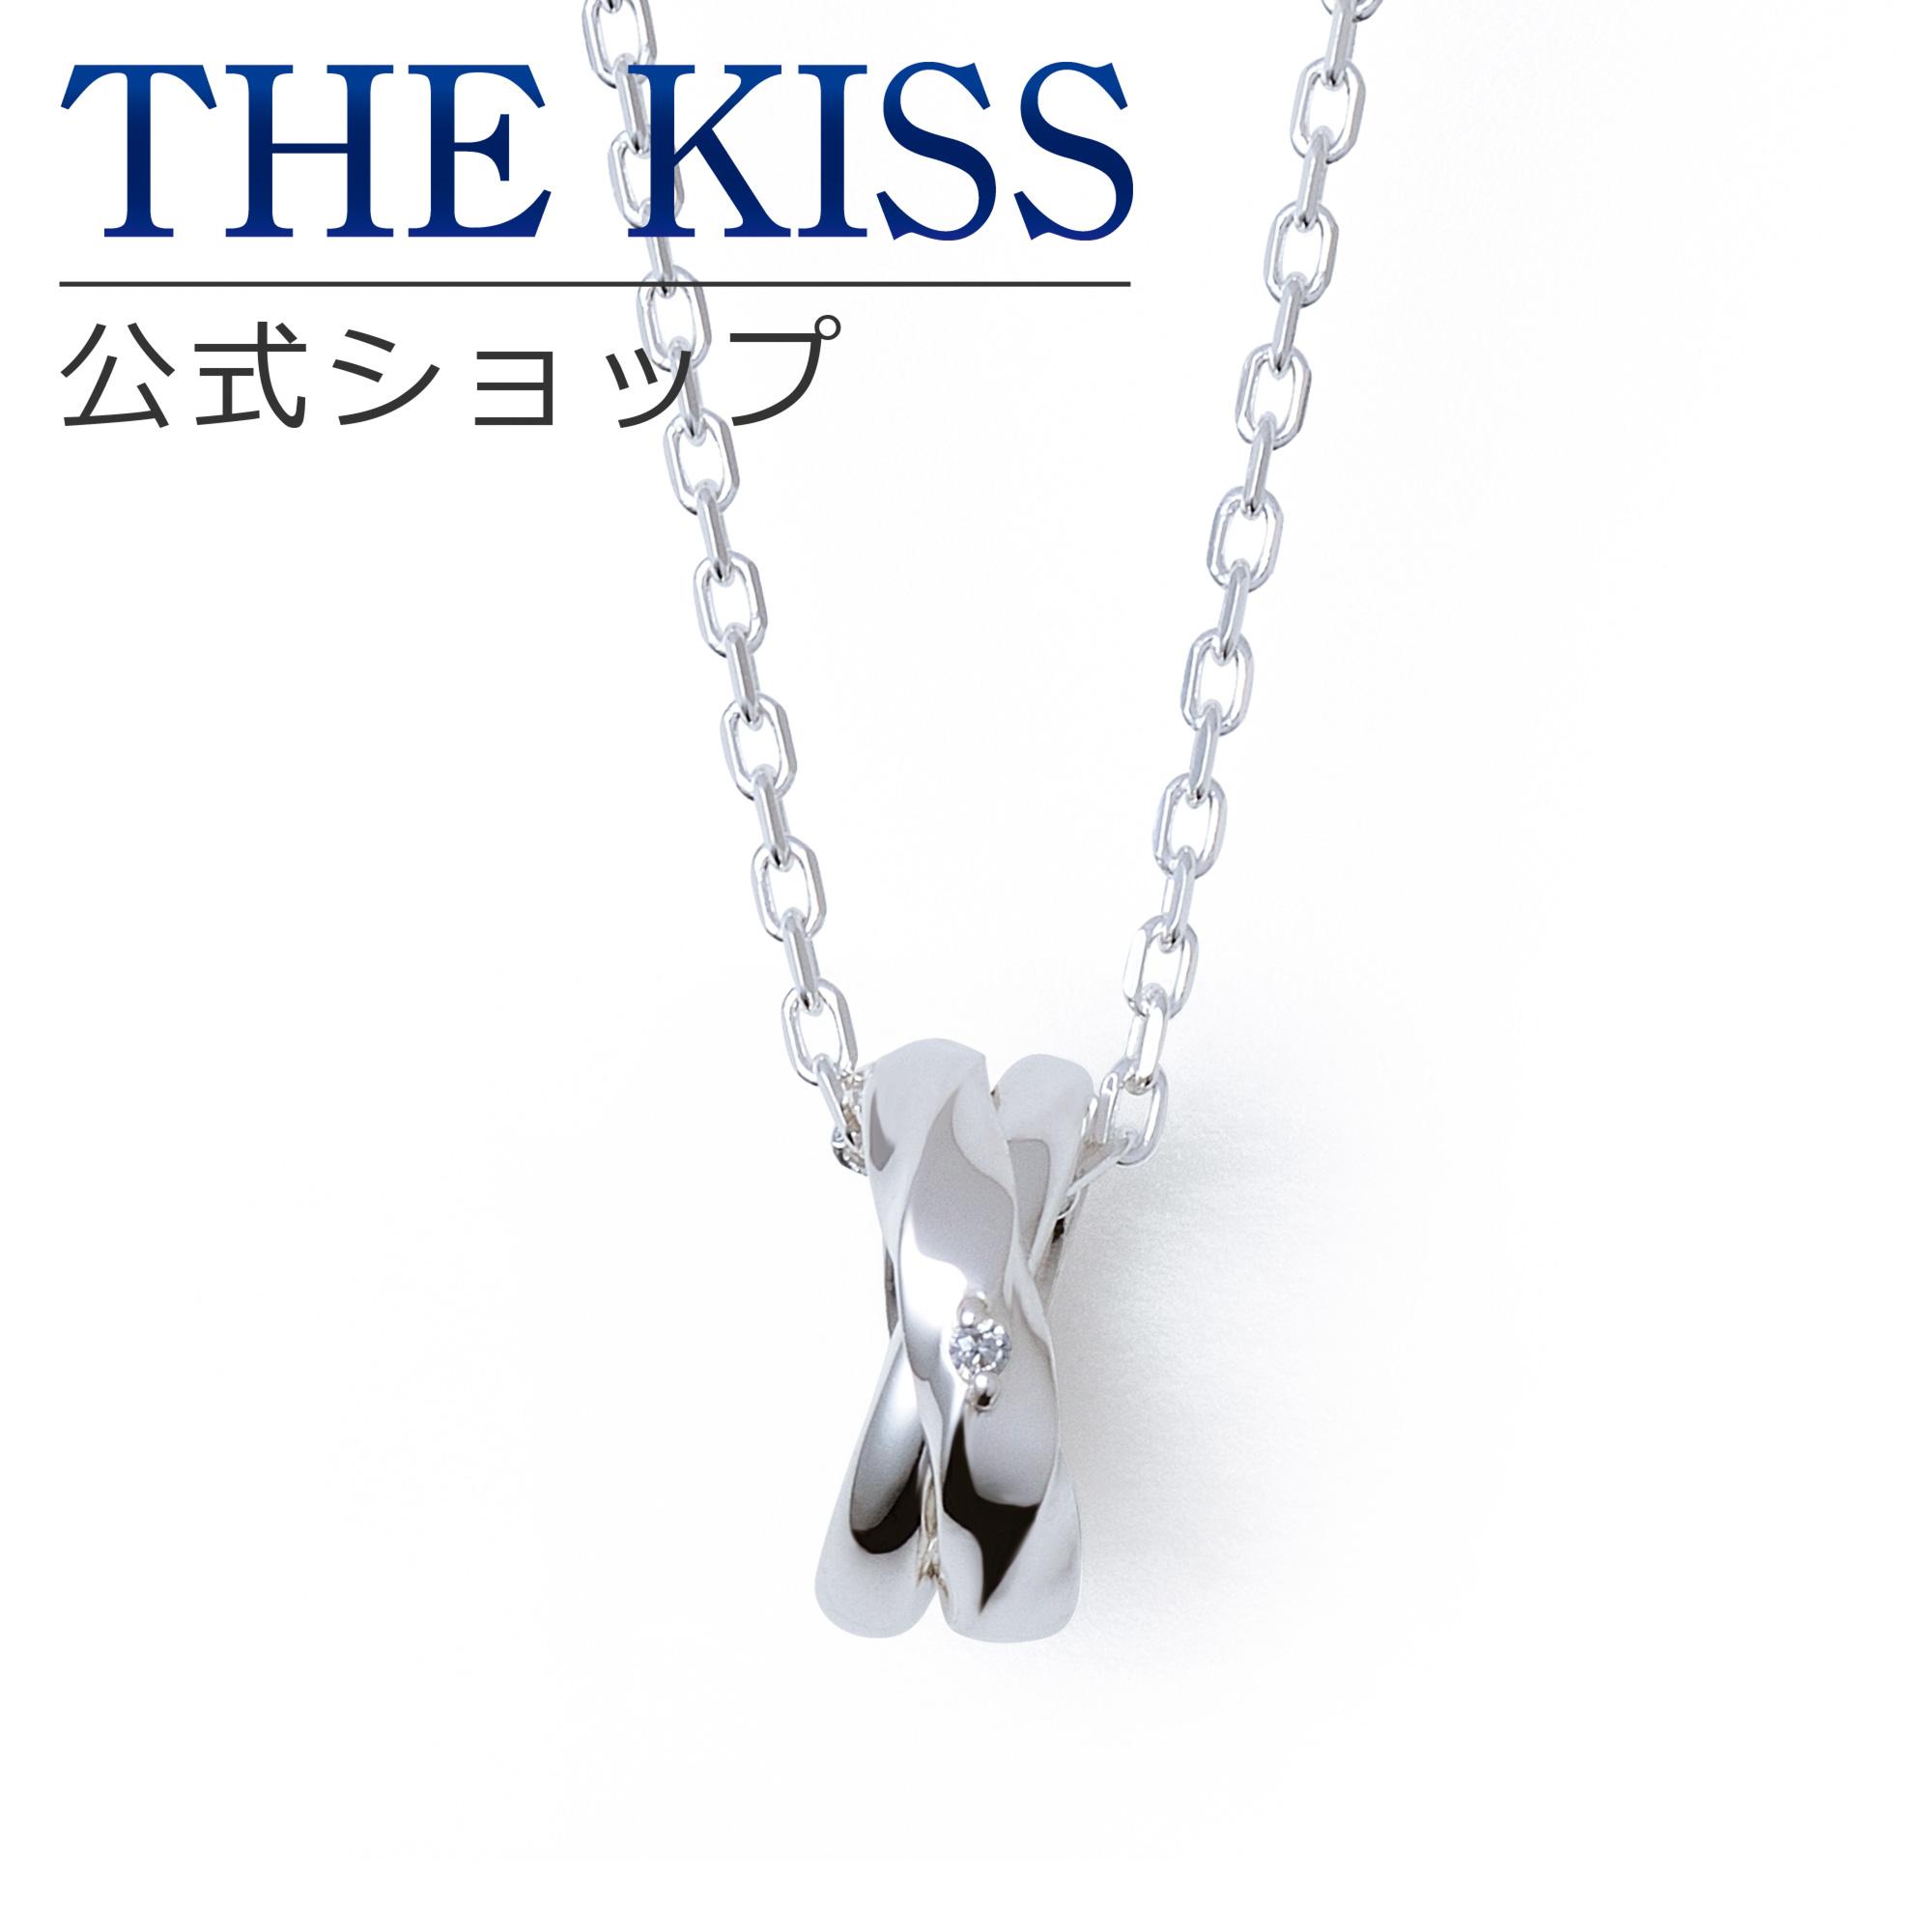 【あす楽対応】THE KISS 公式サイト シルバー ペアネックレス (メンズ 単品) ペアアクセサリー カップル に 人気 の ジュエリーブランド THEKISS ペア ネックレス・ペンダント 記念日 プレゼント SPD7035DM ザキス 【送料無料】